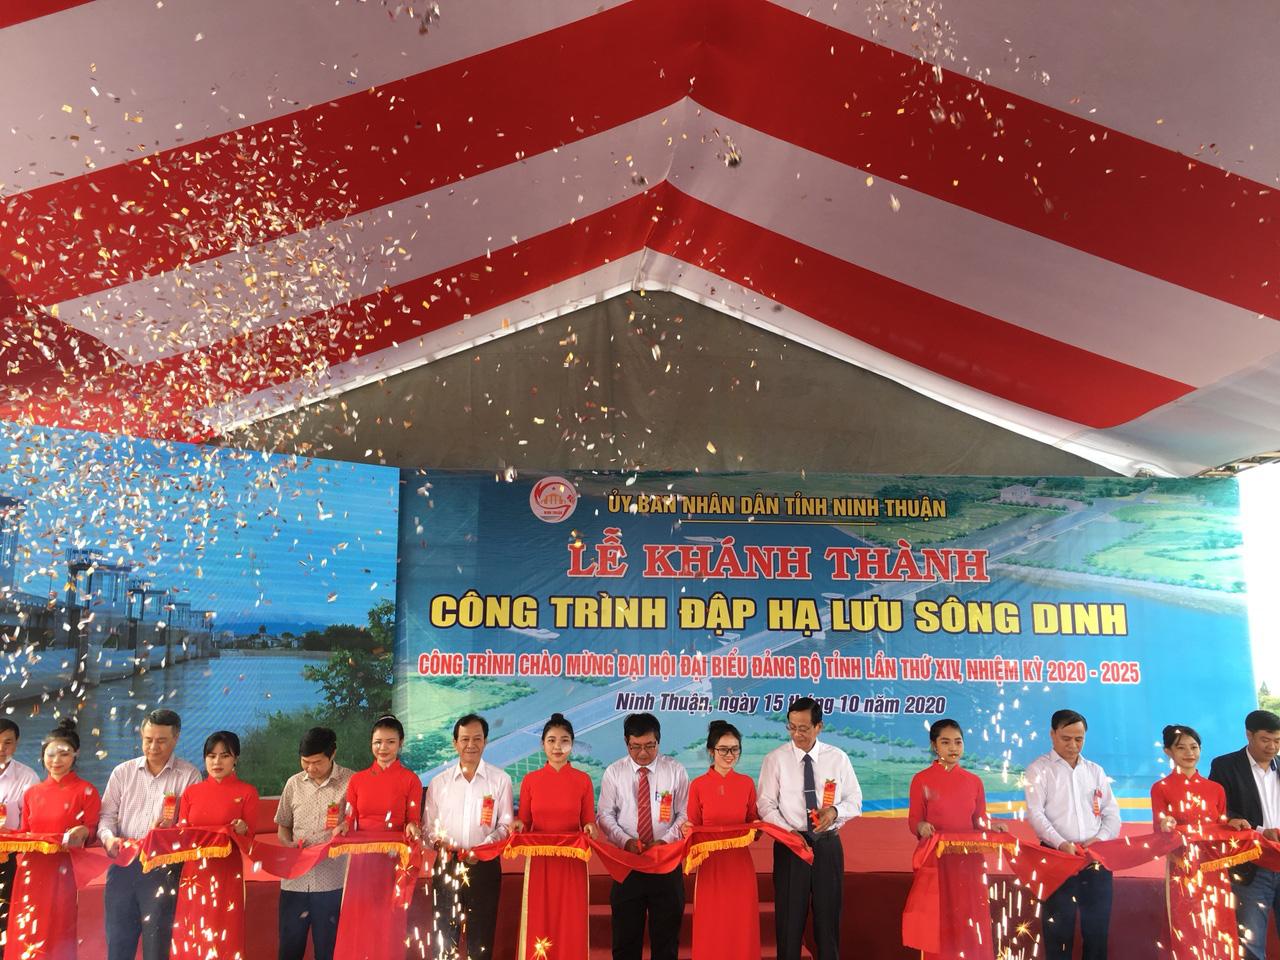 Khánh thành công trình đập hạ lưu Sông Dinh với tổng vốn gần 700 tỷ đồng - Ảnh 1.